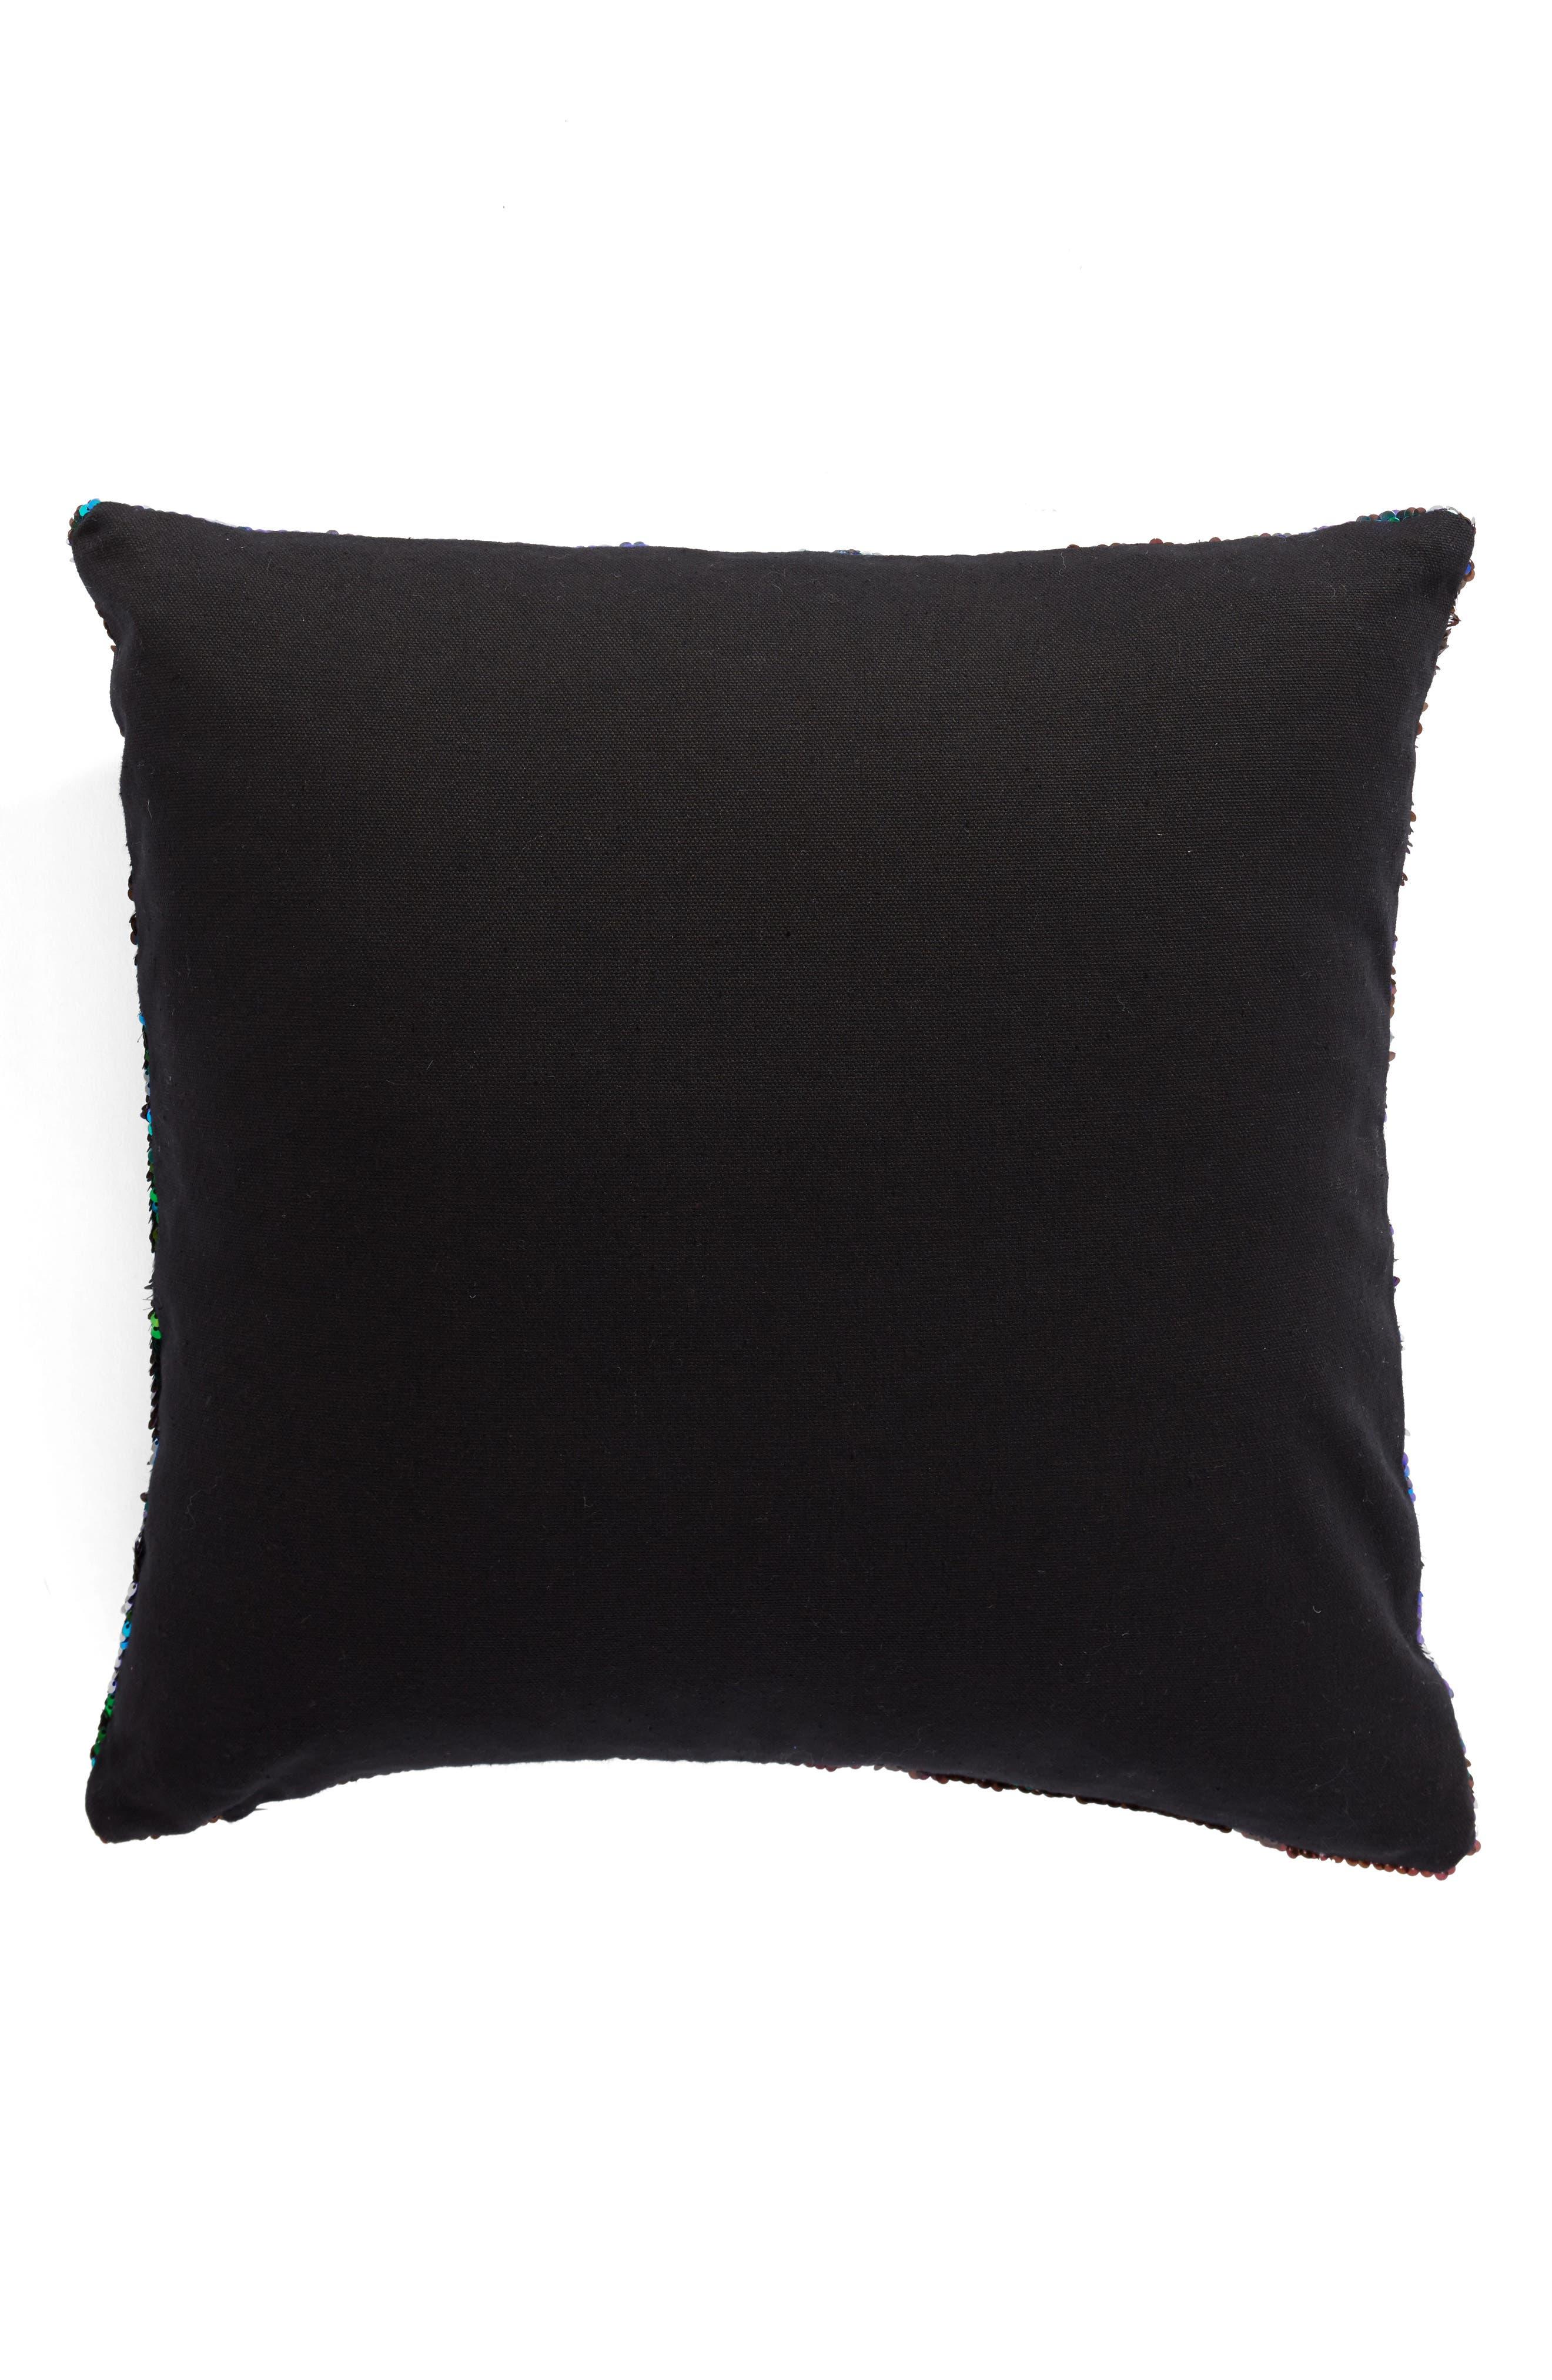 Sequin Pillow,                             Alternate thumbnail 2, color,                             001